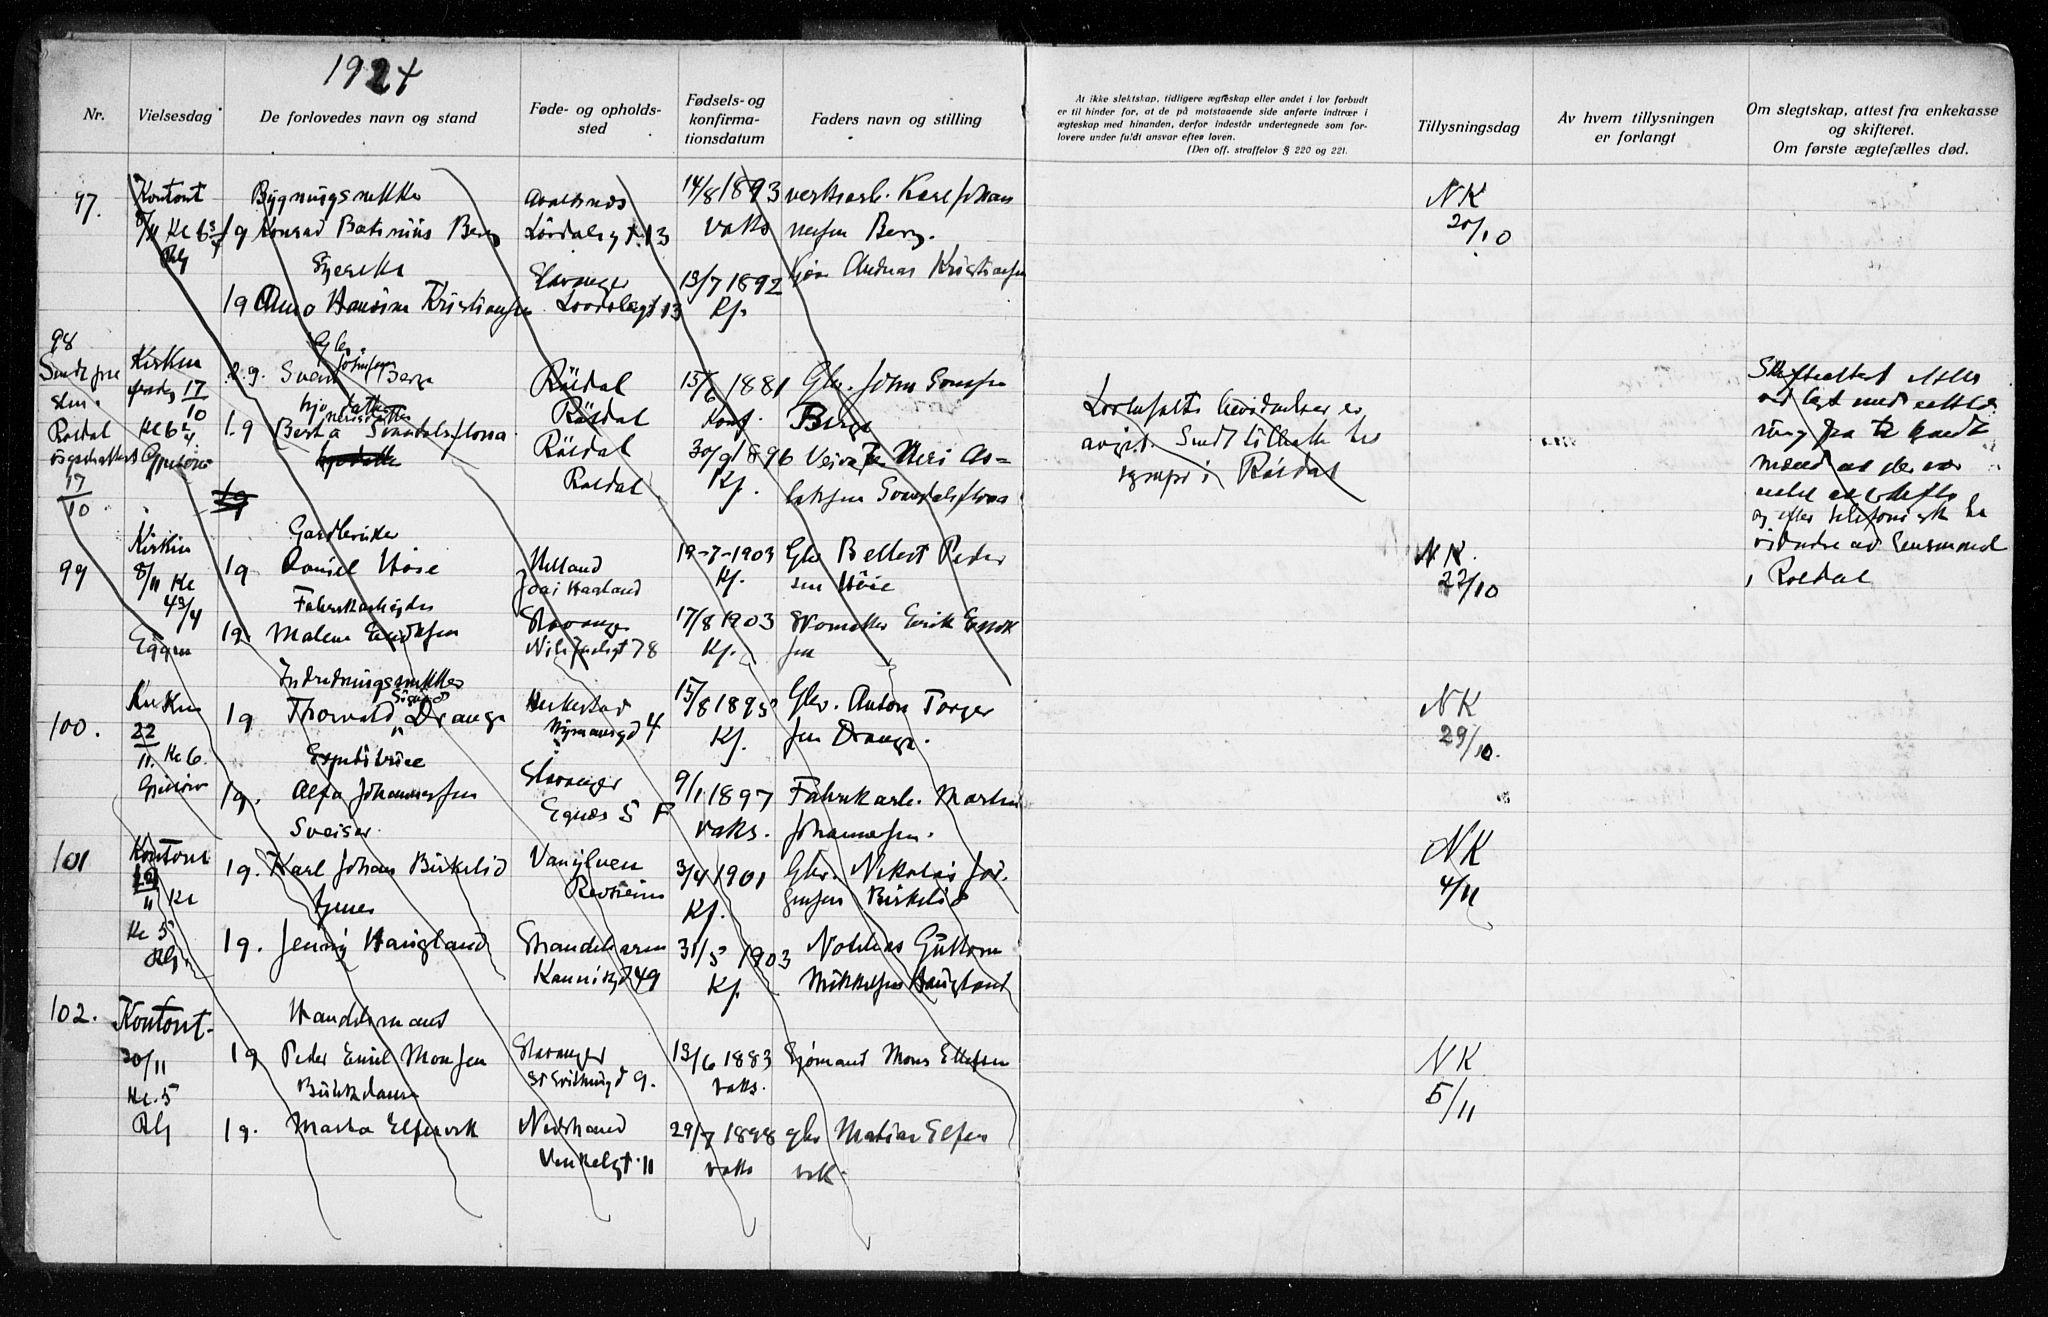 SAST, Domkirken sokneprestkontor, 70/705BA/L0007: Lysningsprotokoll nr. 705.BA.7, 1924-1936